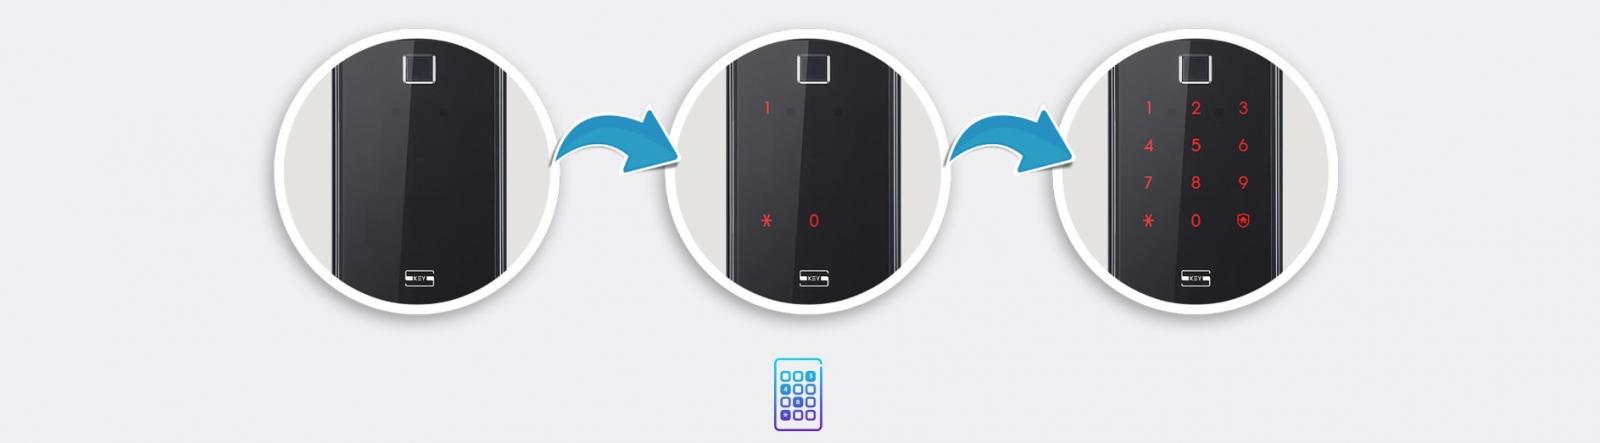 Khóa vân tay Samsung SHP-DR708